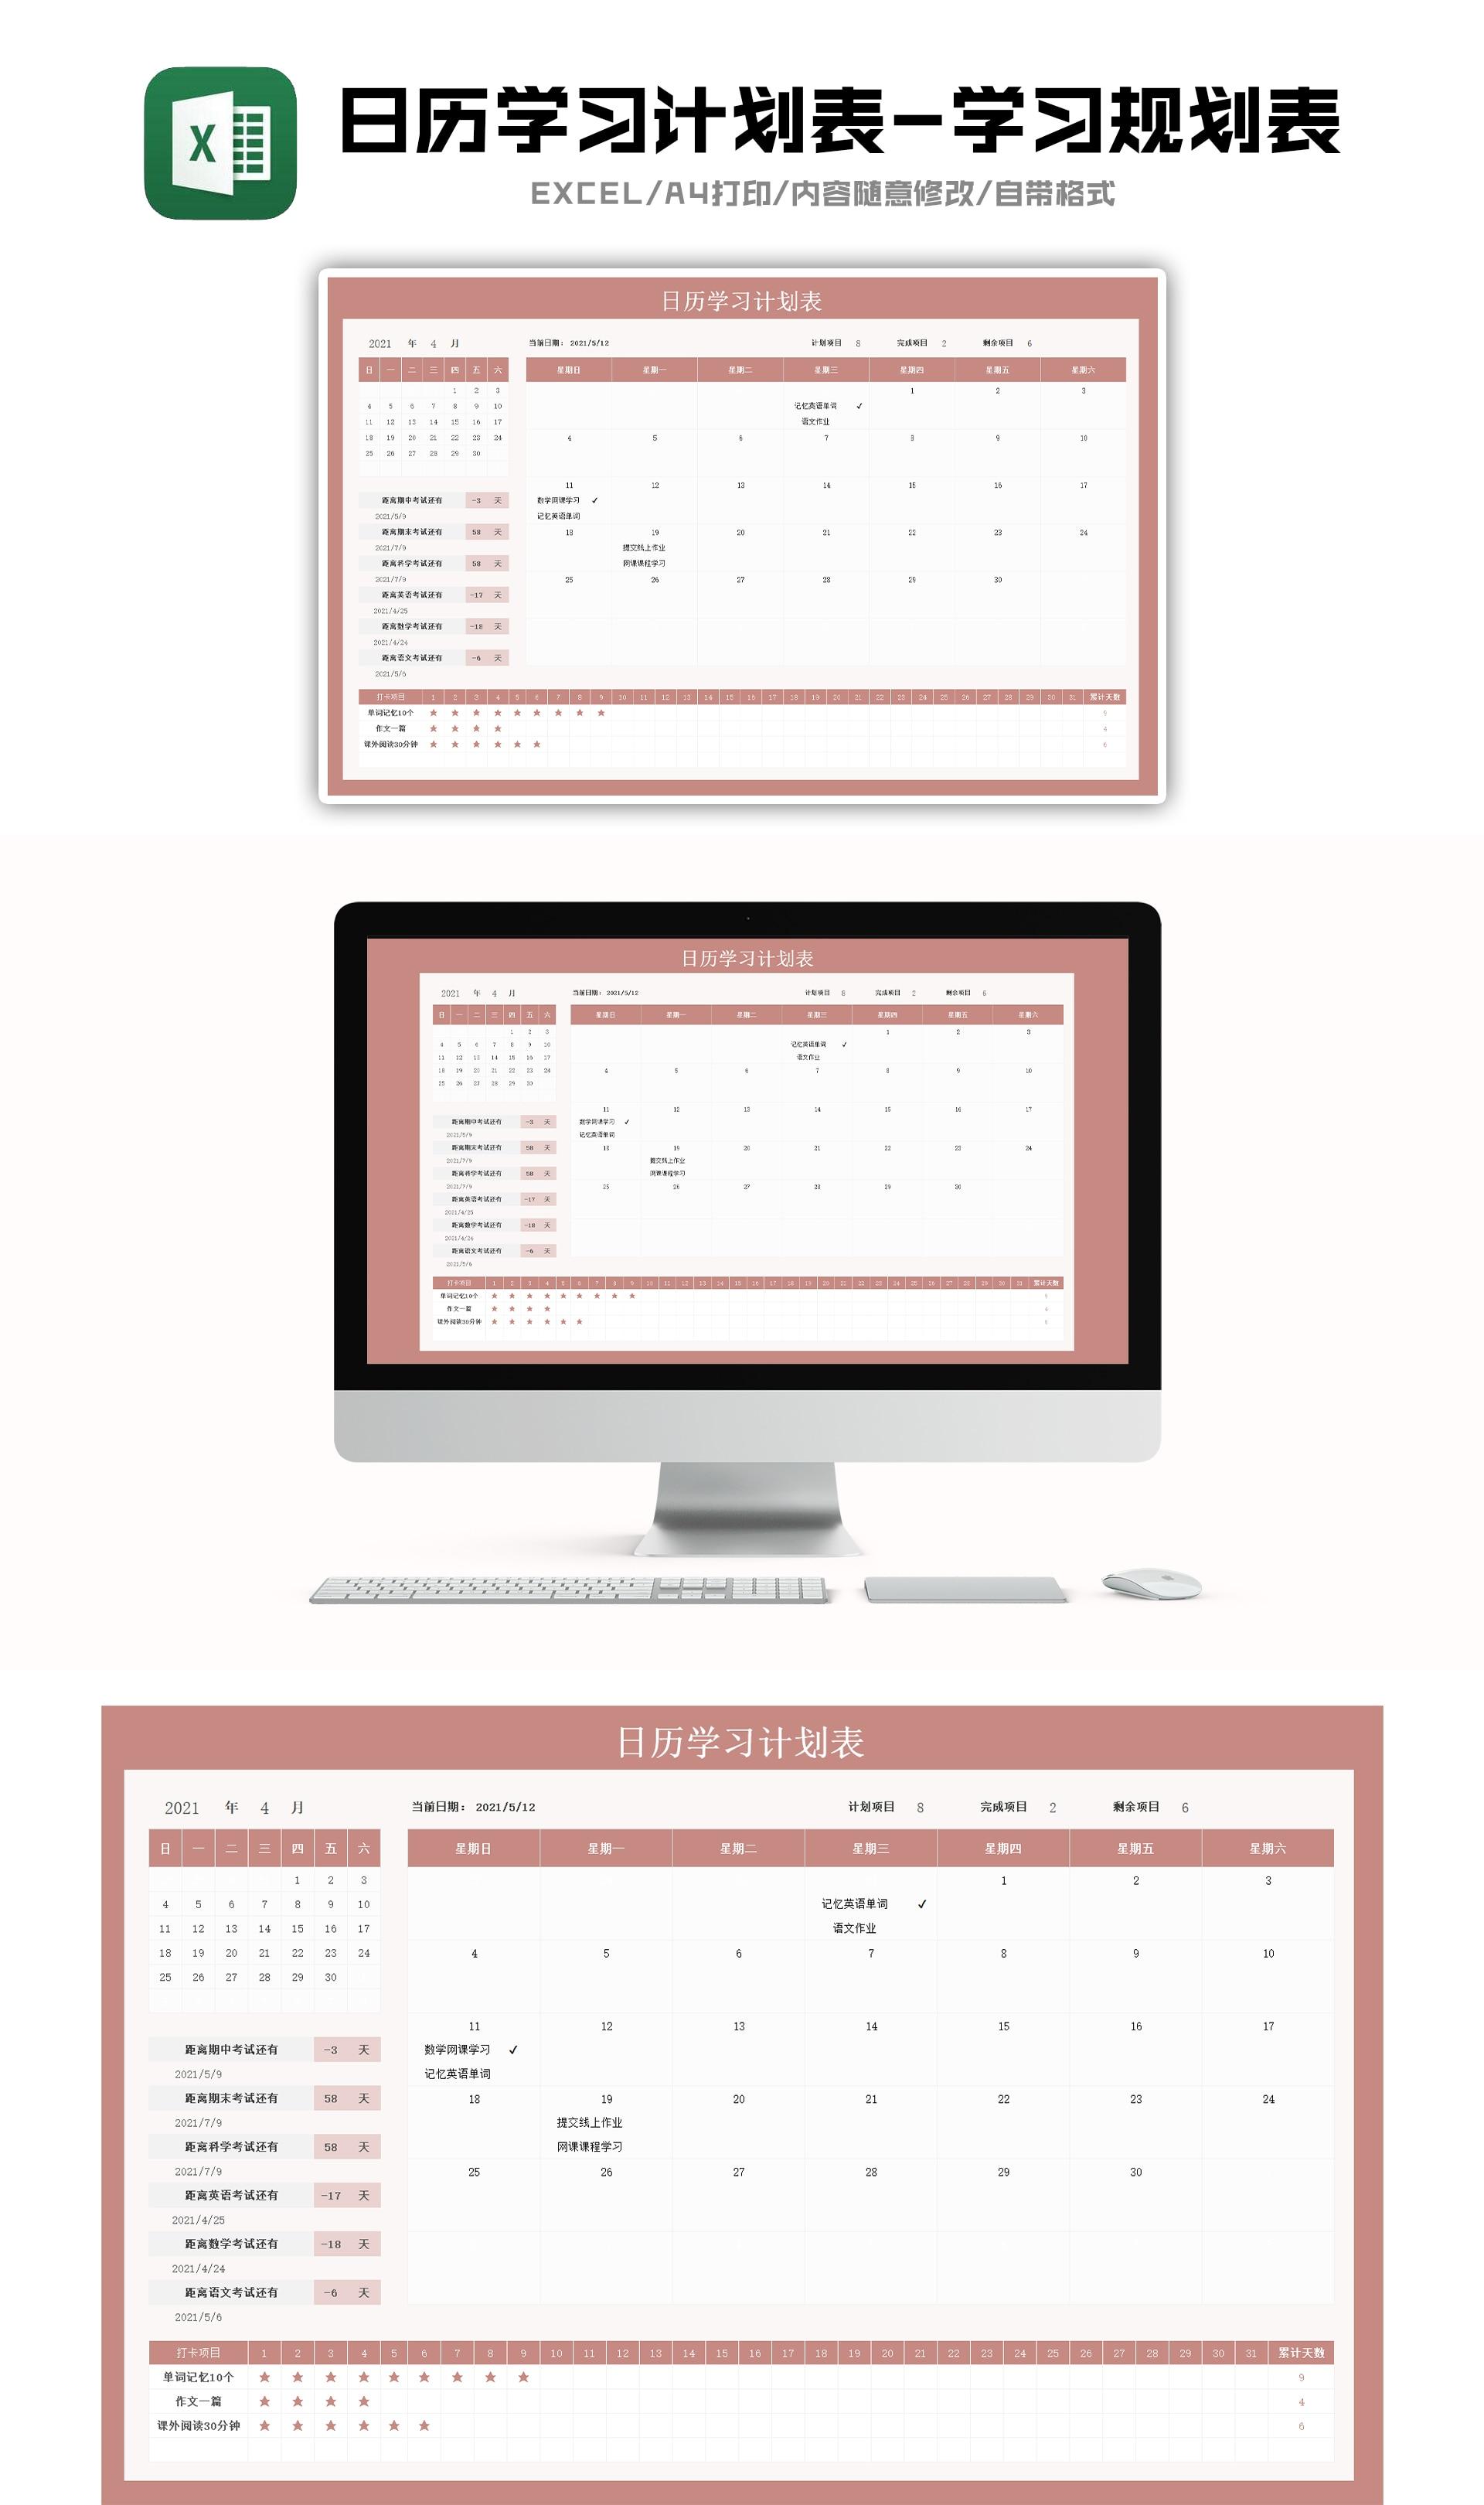 日历学习计划表-学习规划表Excel模板